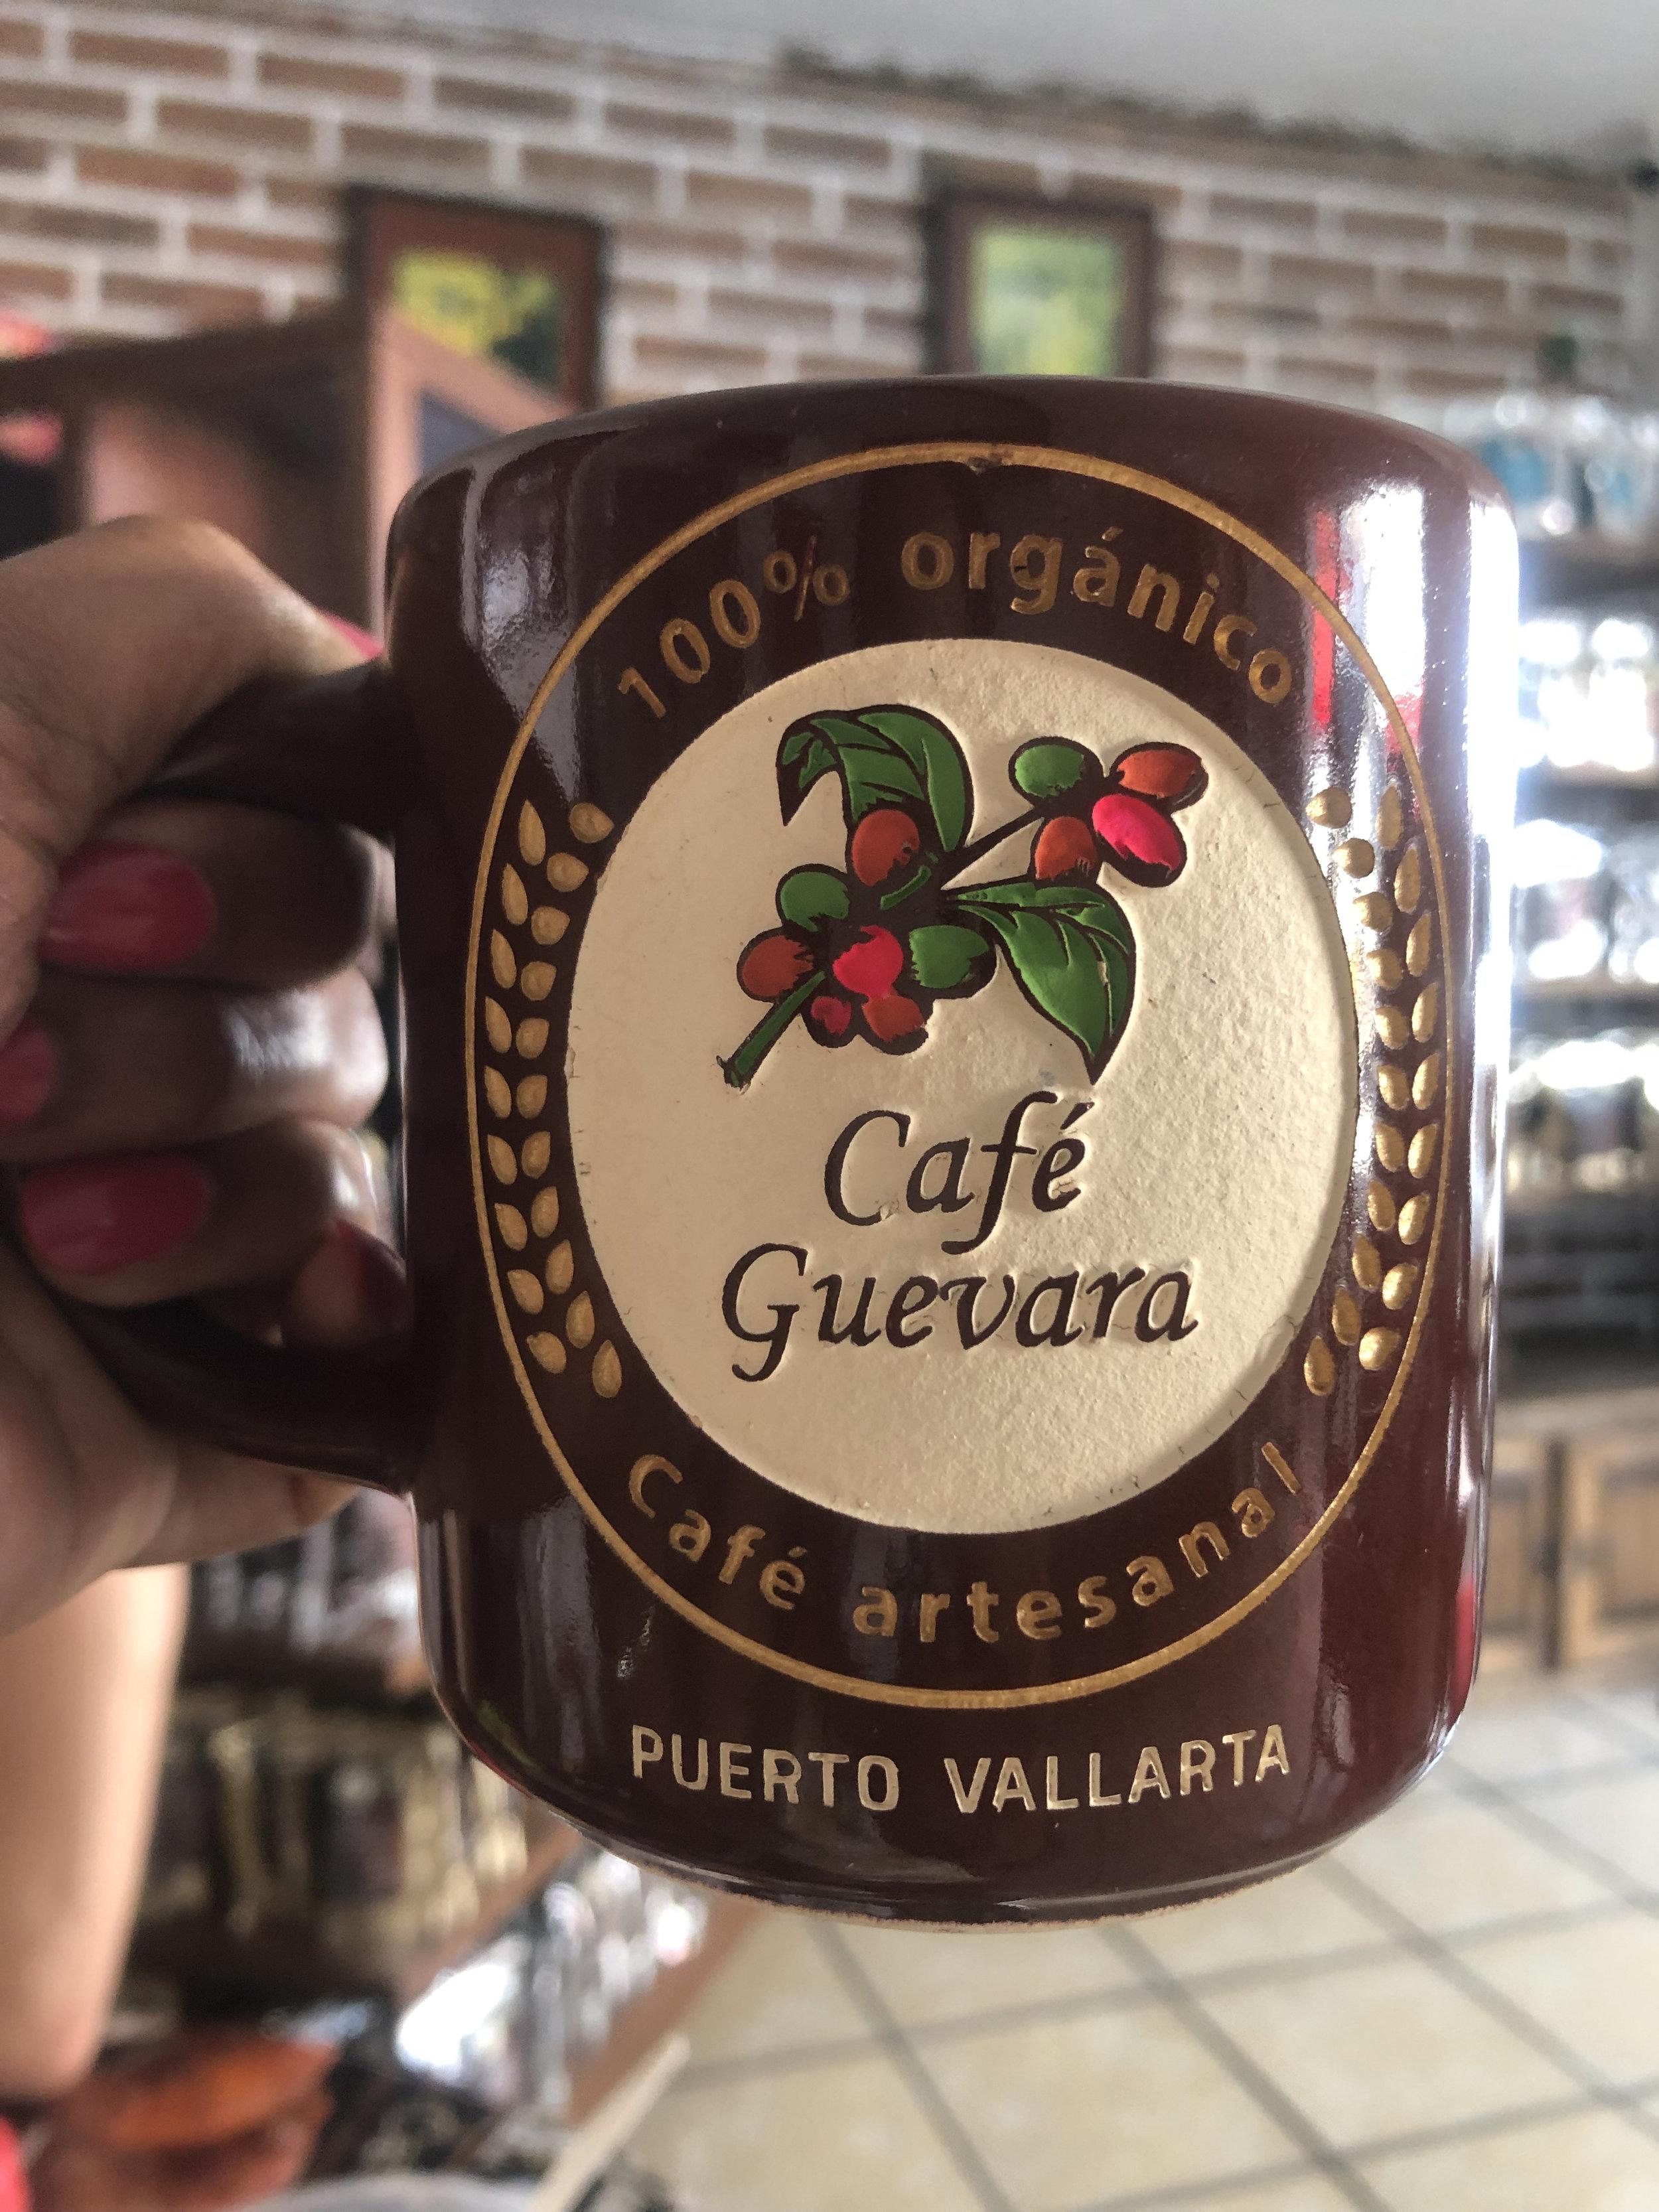 Photo: Cool mug at La Bodeguita Del Cafe